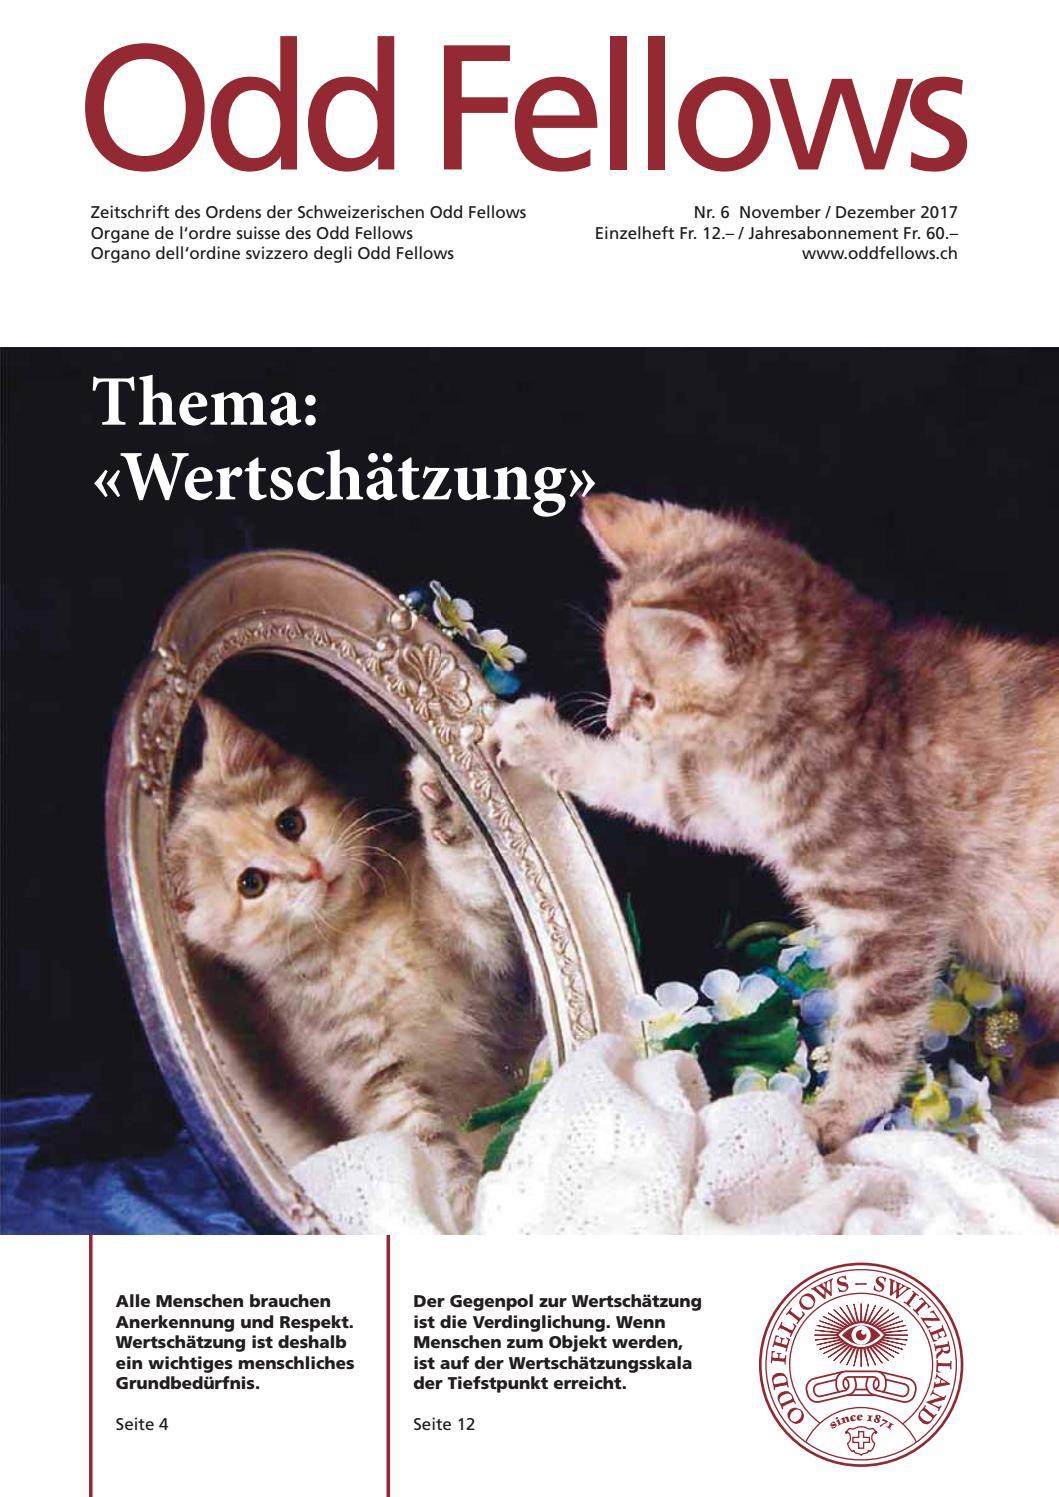 Charmant Verdrahtete Zeitschrift 2014 Vertrauen Sie Mir Fotos - Der ...